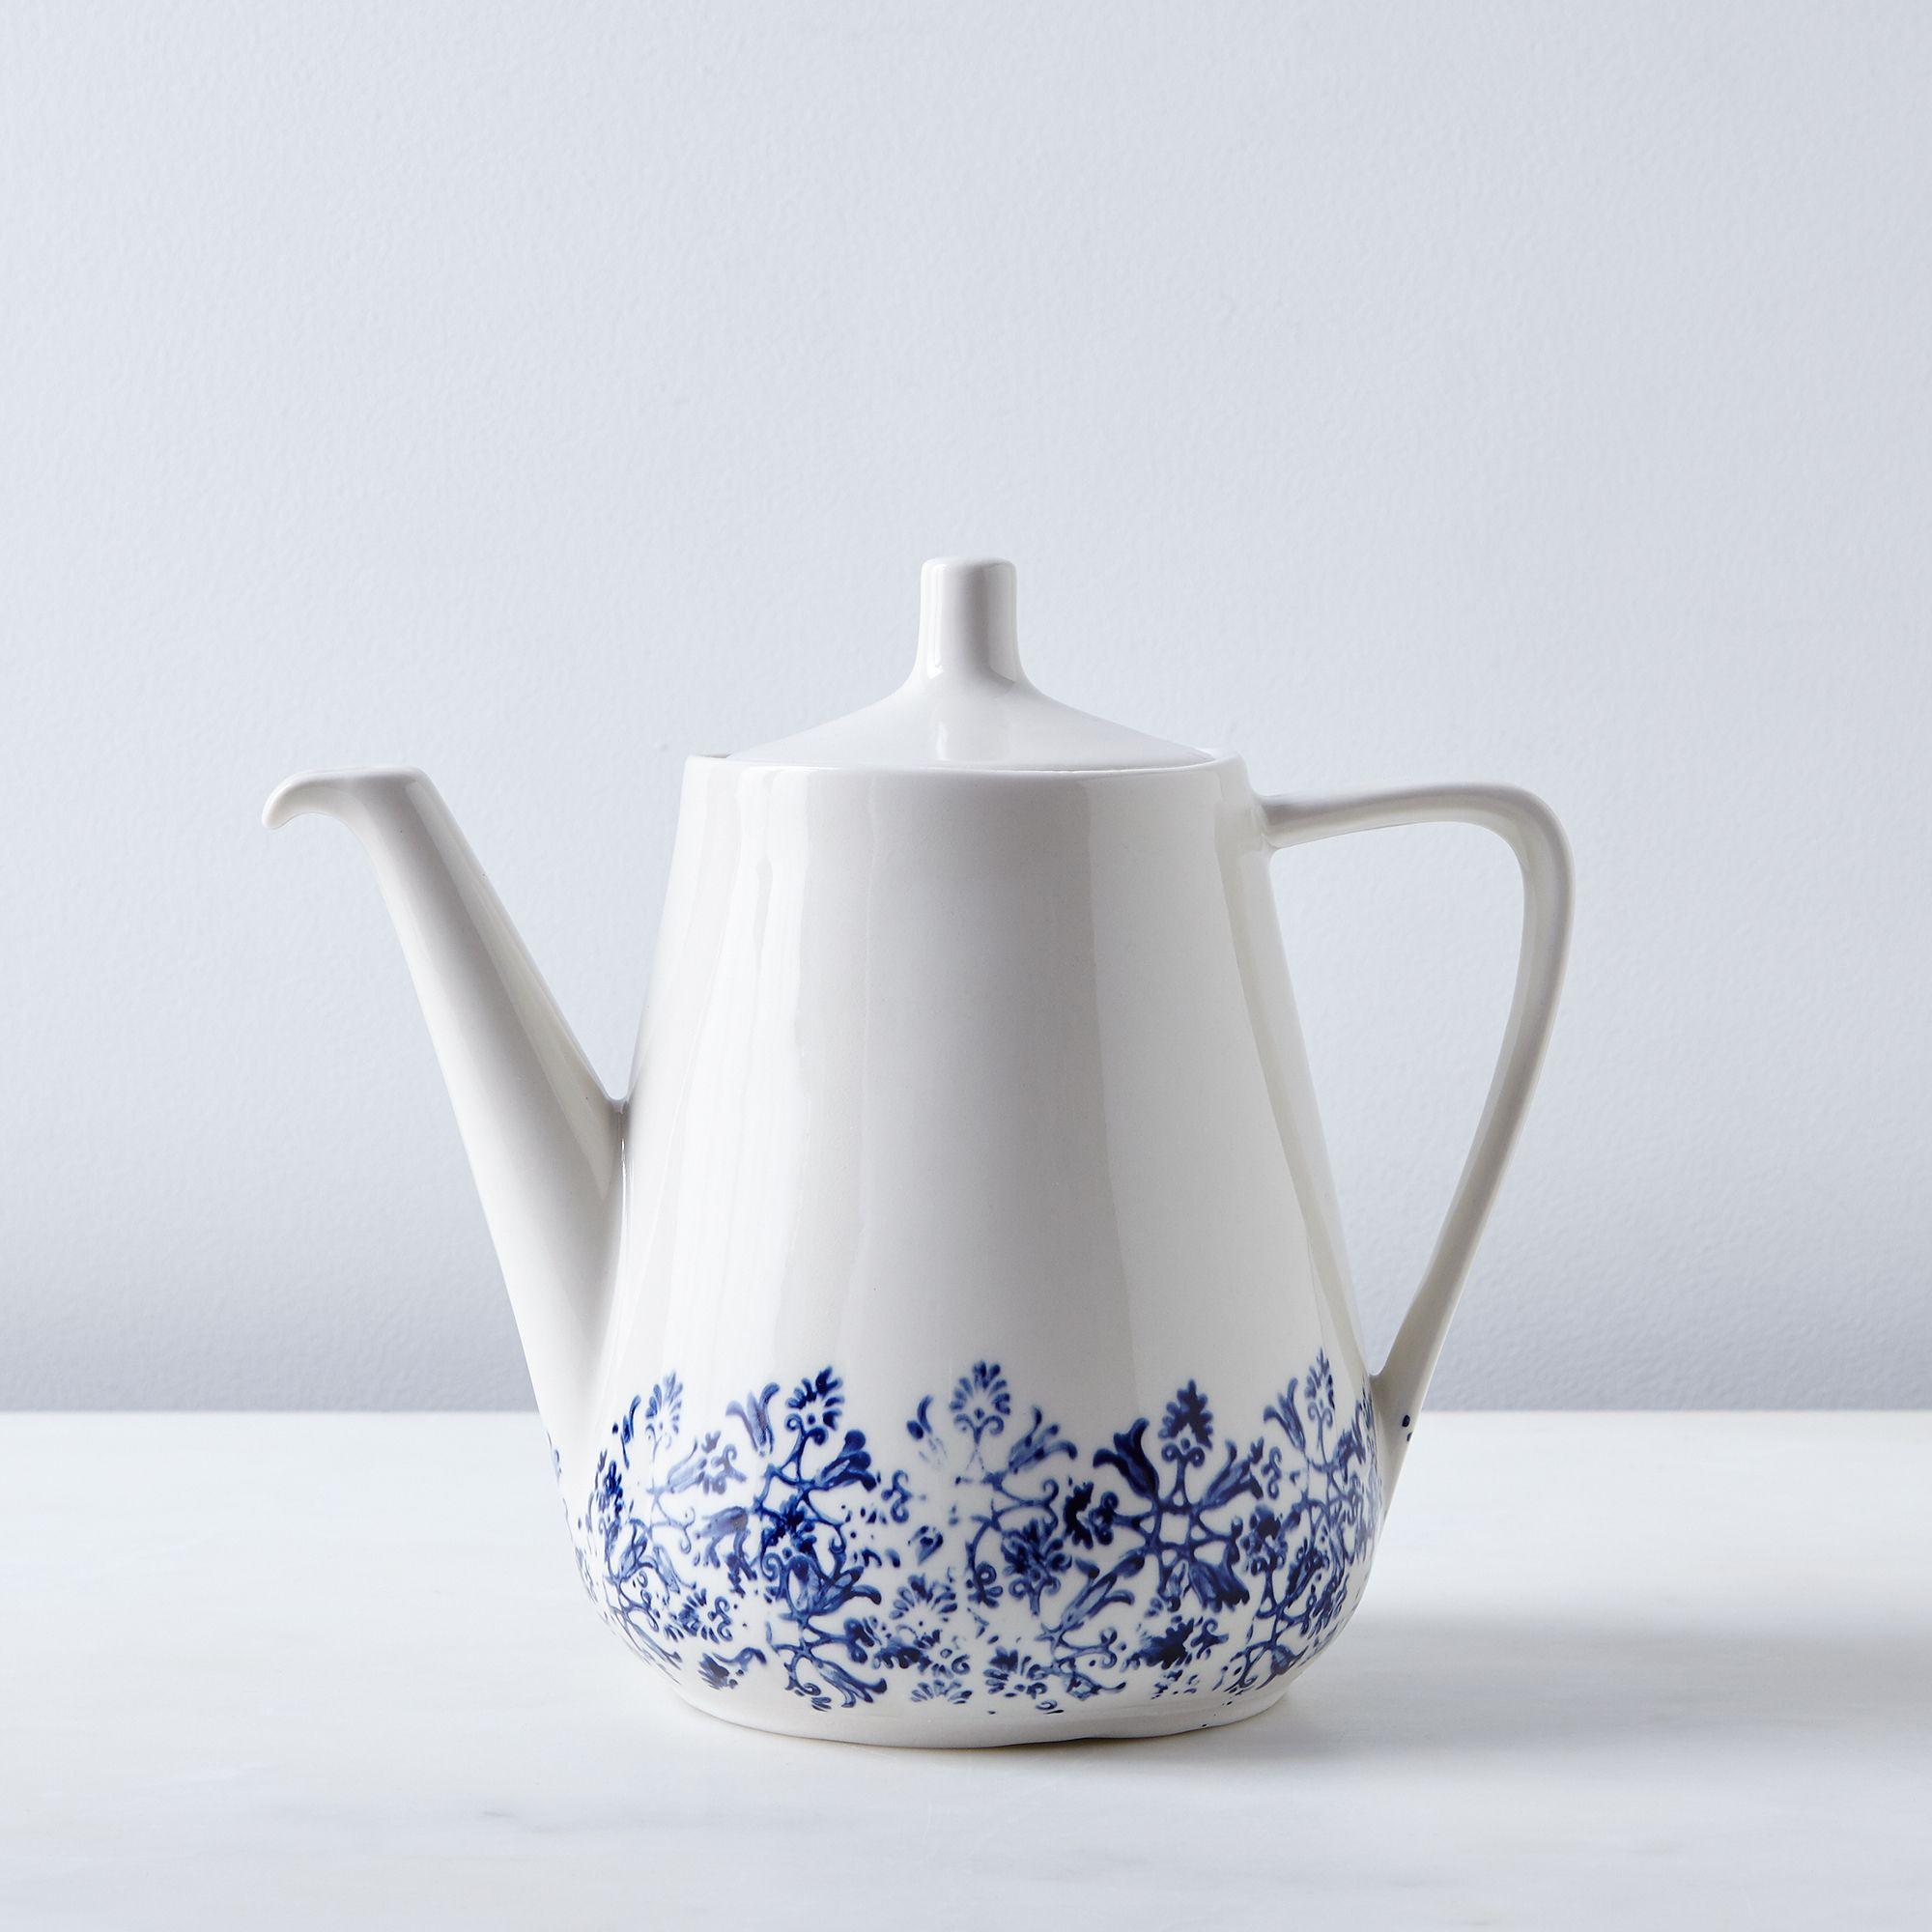 7aab8300 c495 4a5c b96c 25eb210d2963  2016 0610 art et manufacture teapot large partial floral silo rocky luten 019